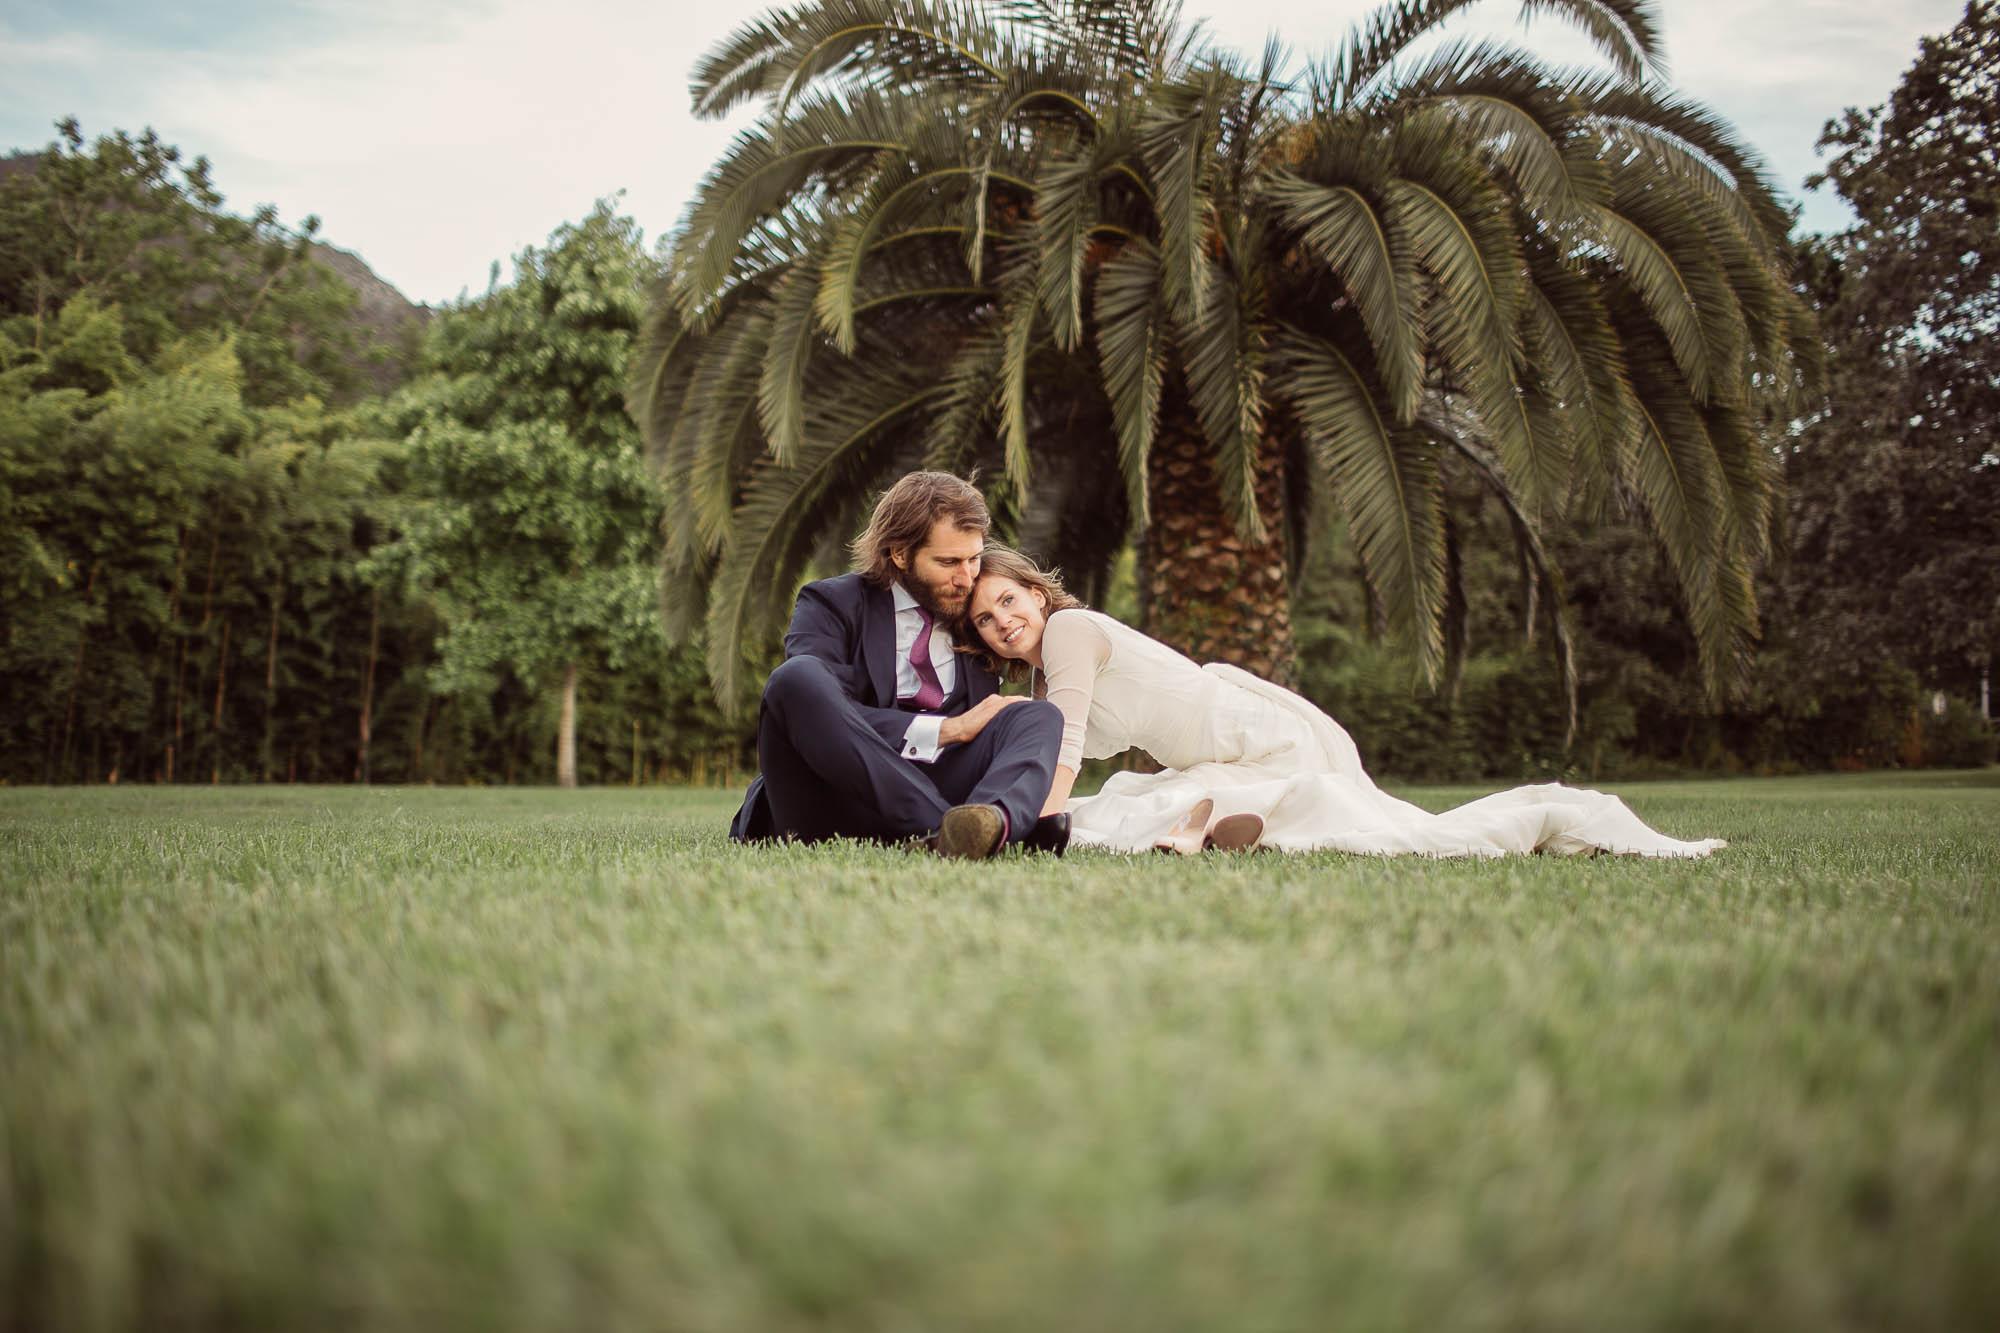 Marido y mujer senteados en el cesped de la finca mirando hacia el banquete